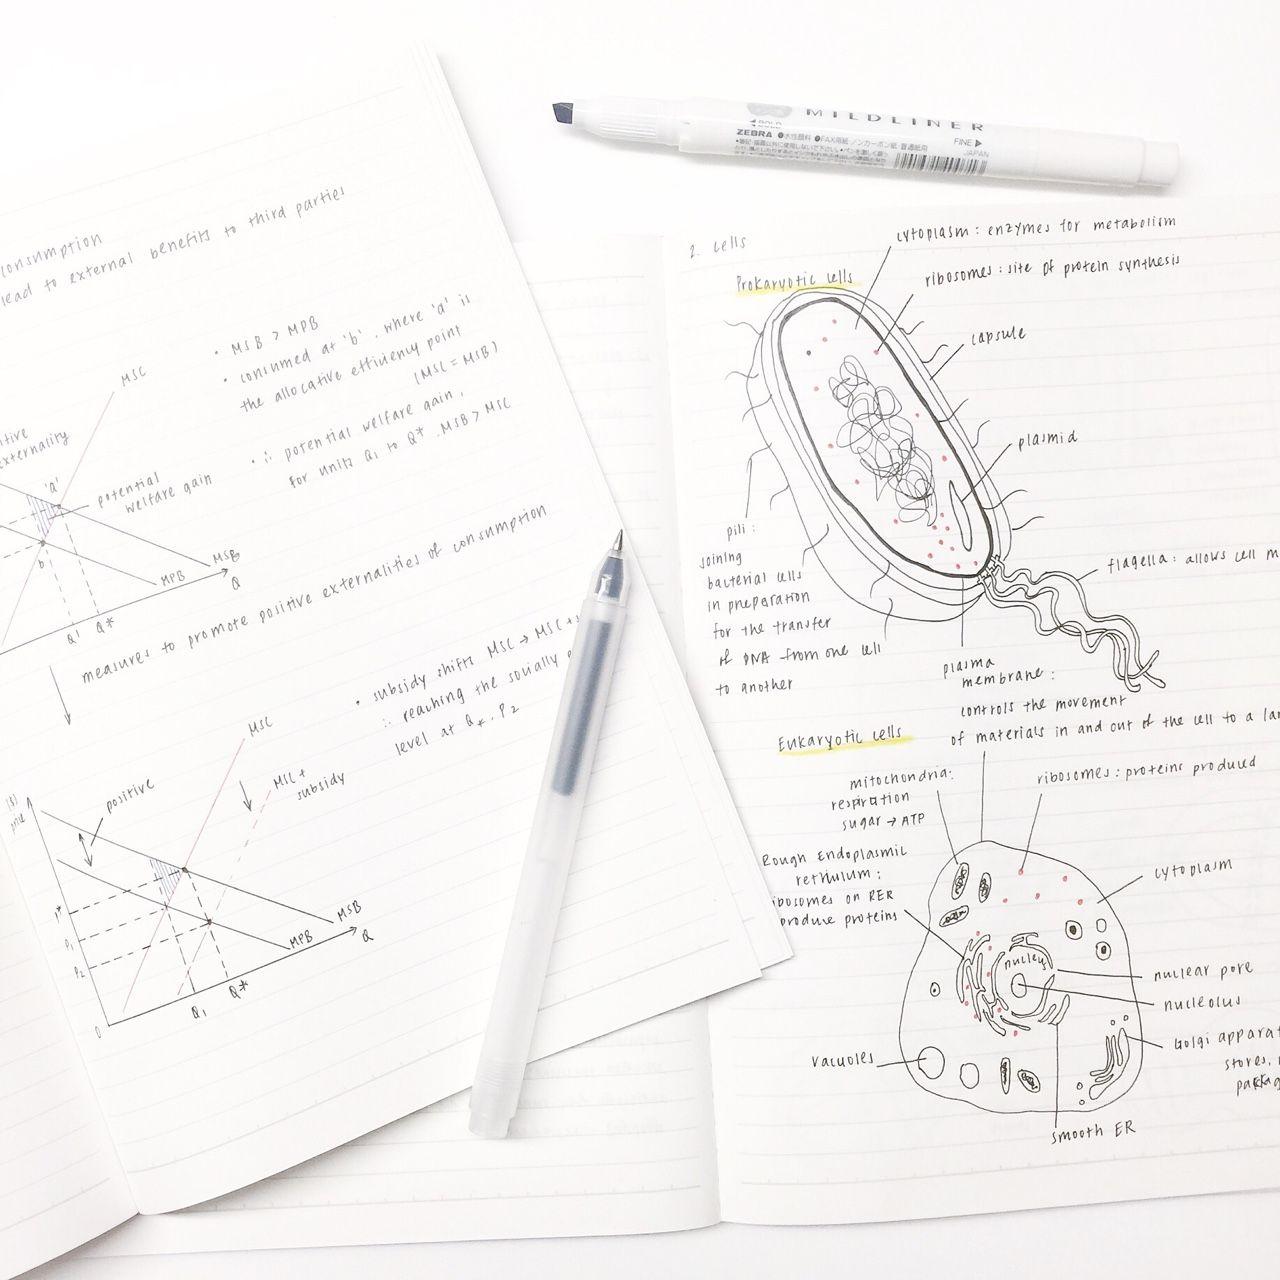 Revis Ign Biology Economics Studygram